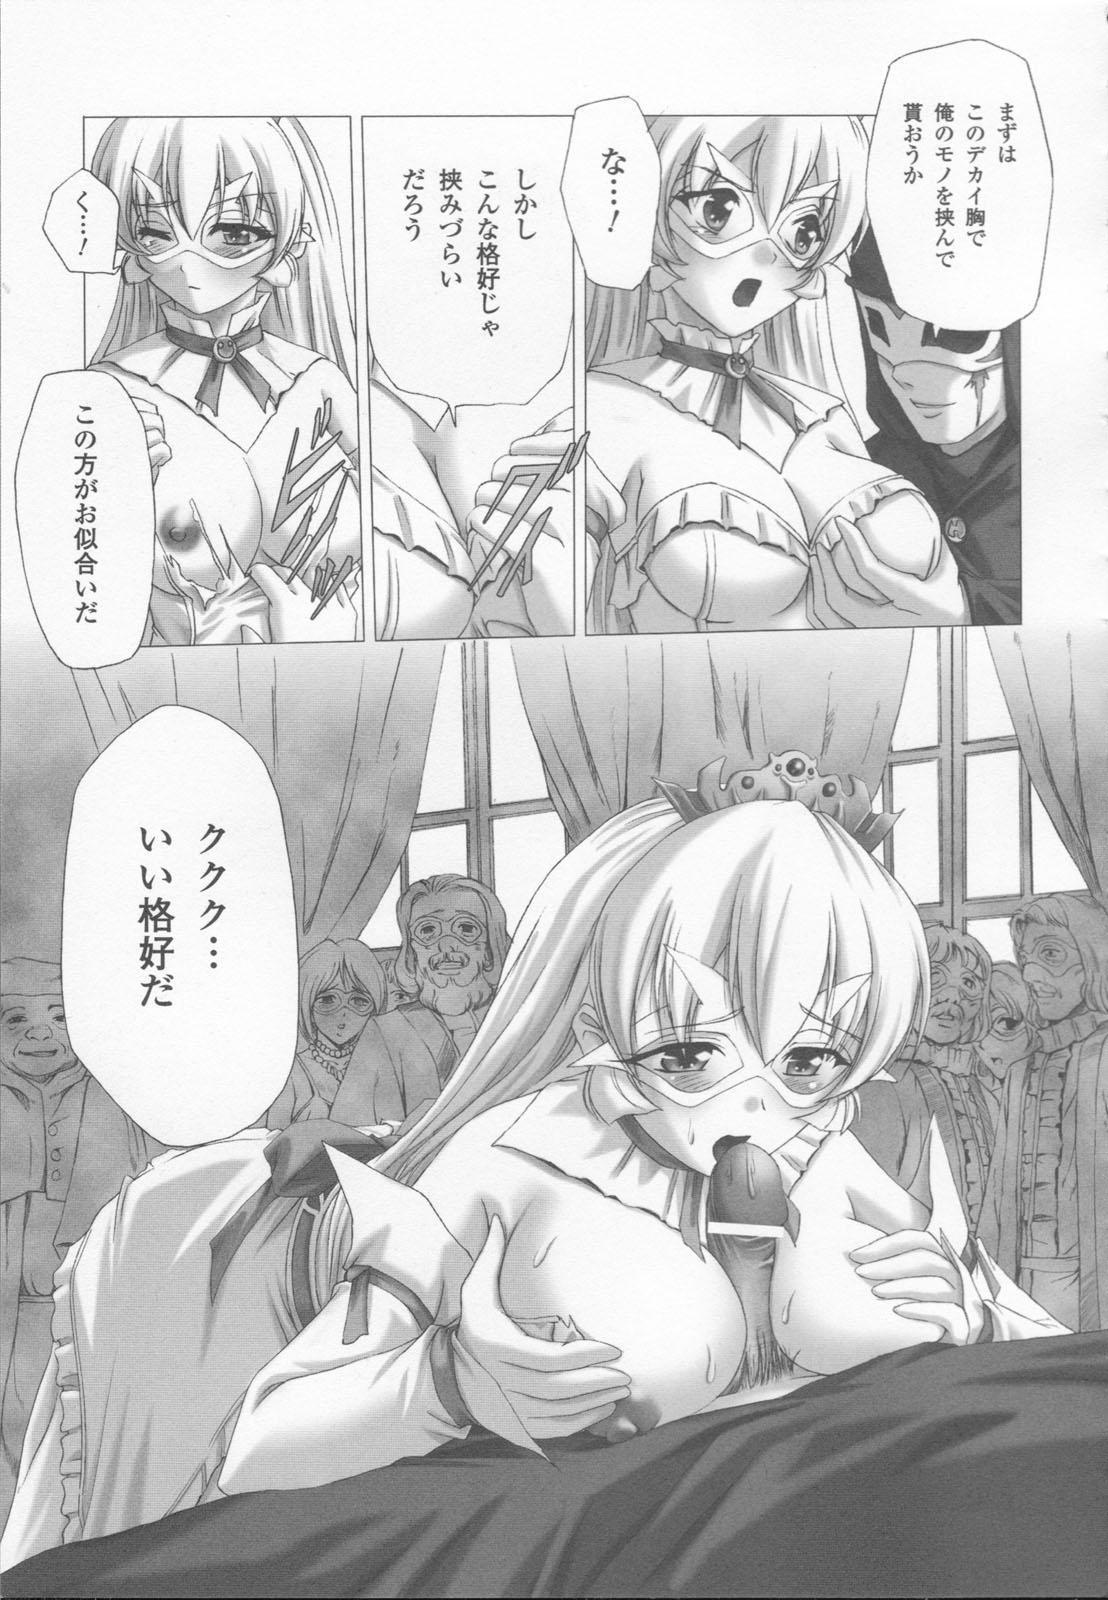 Shirayuri no Kenshi Anthology Comics 34